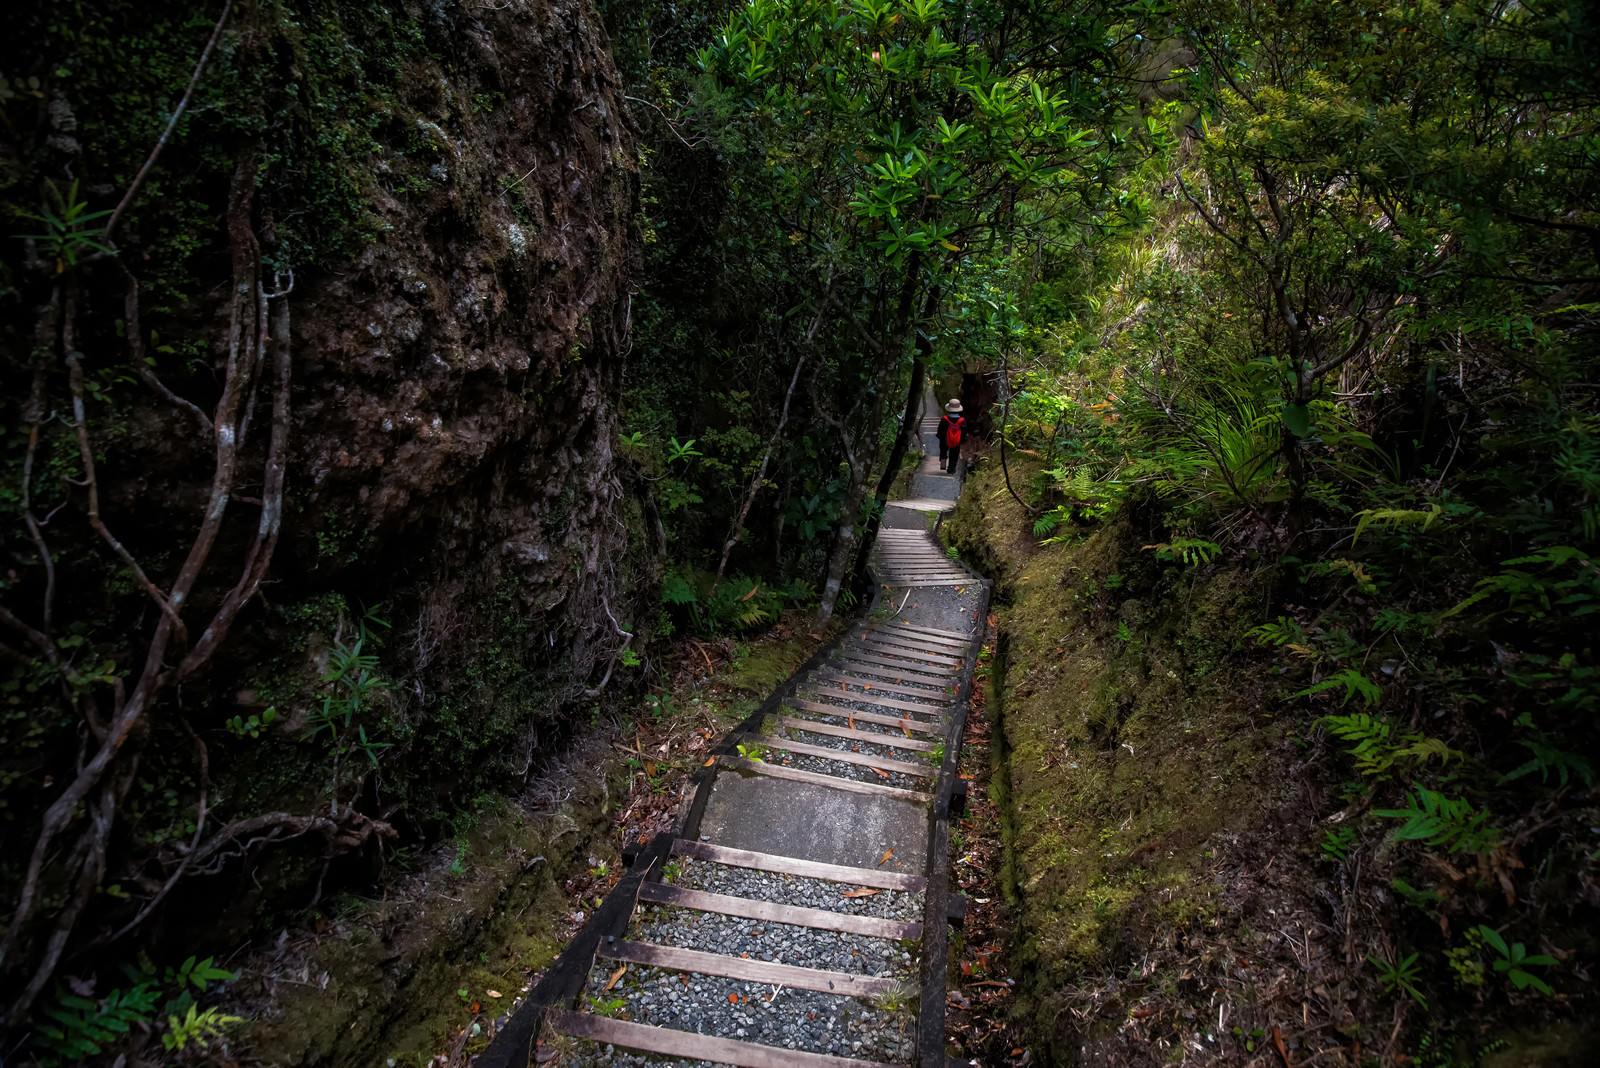 「ウィンディキャニオンの長い階段を下る旅行者」の写真